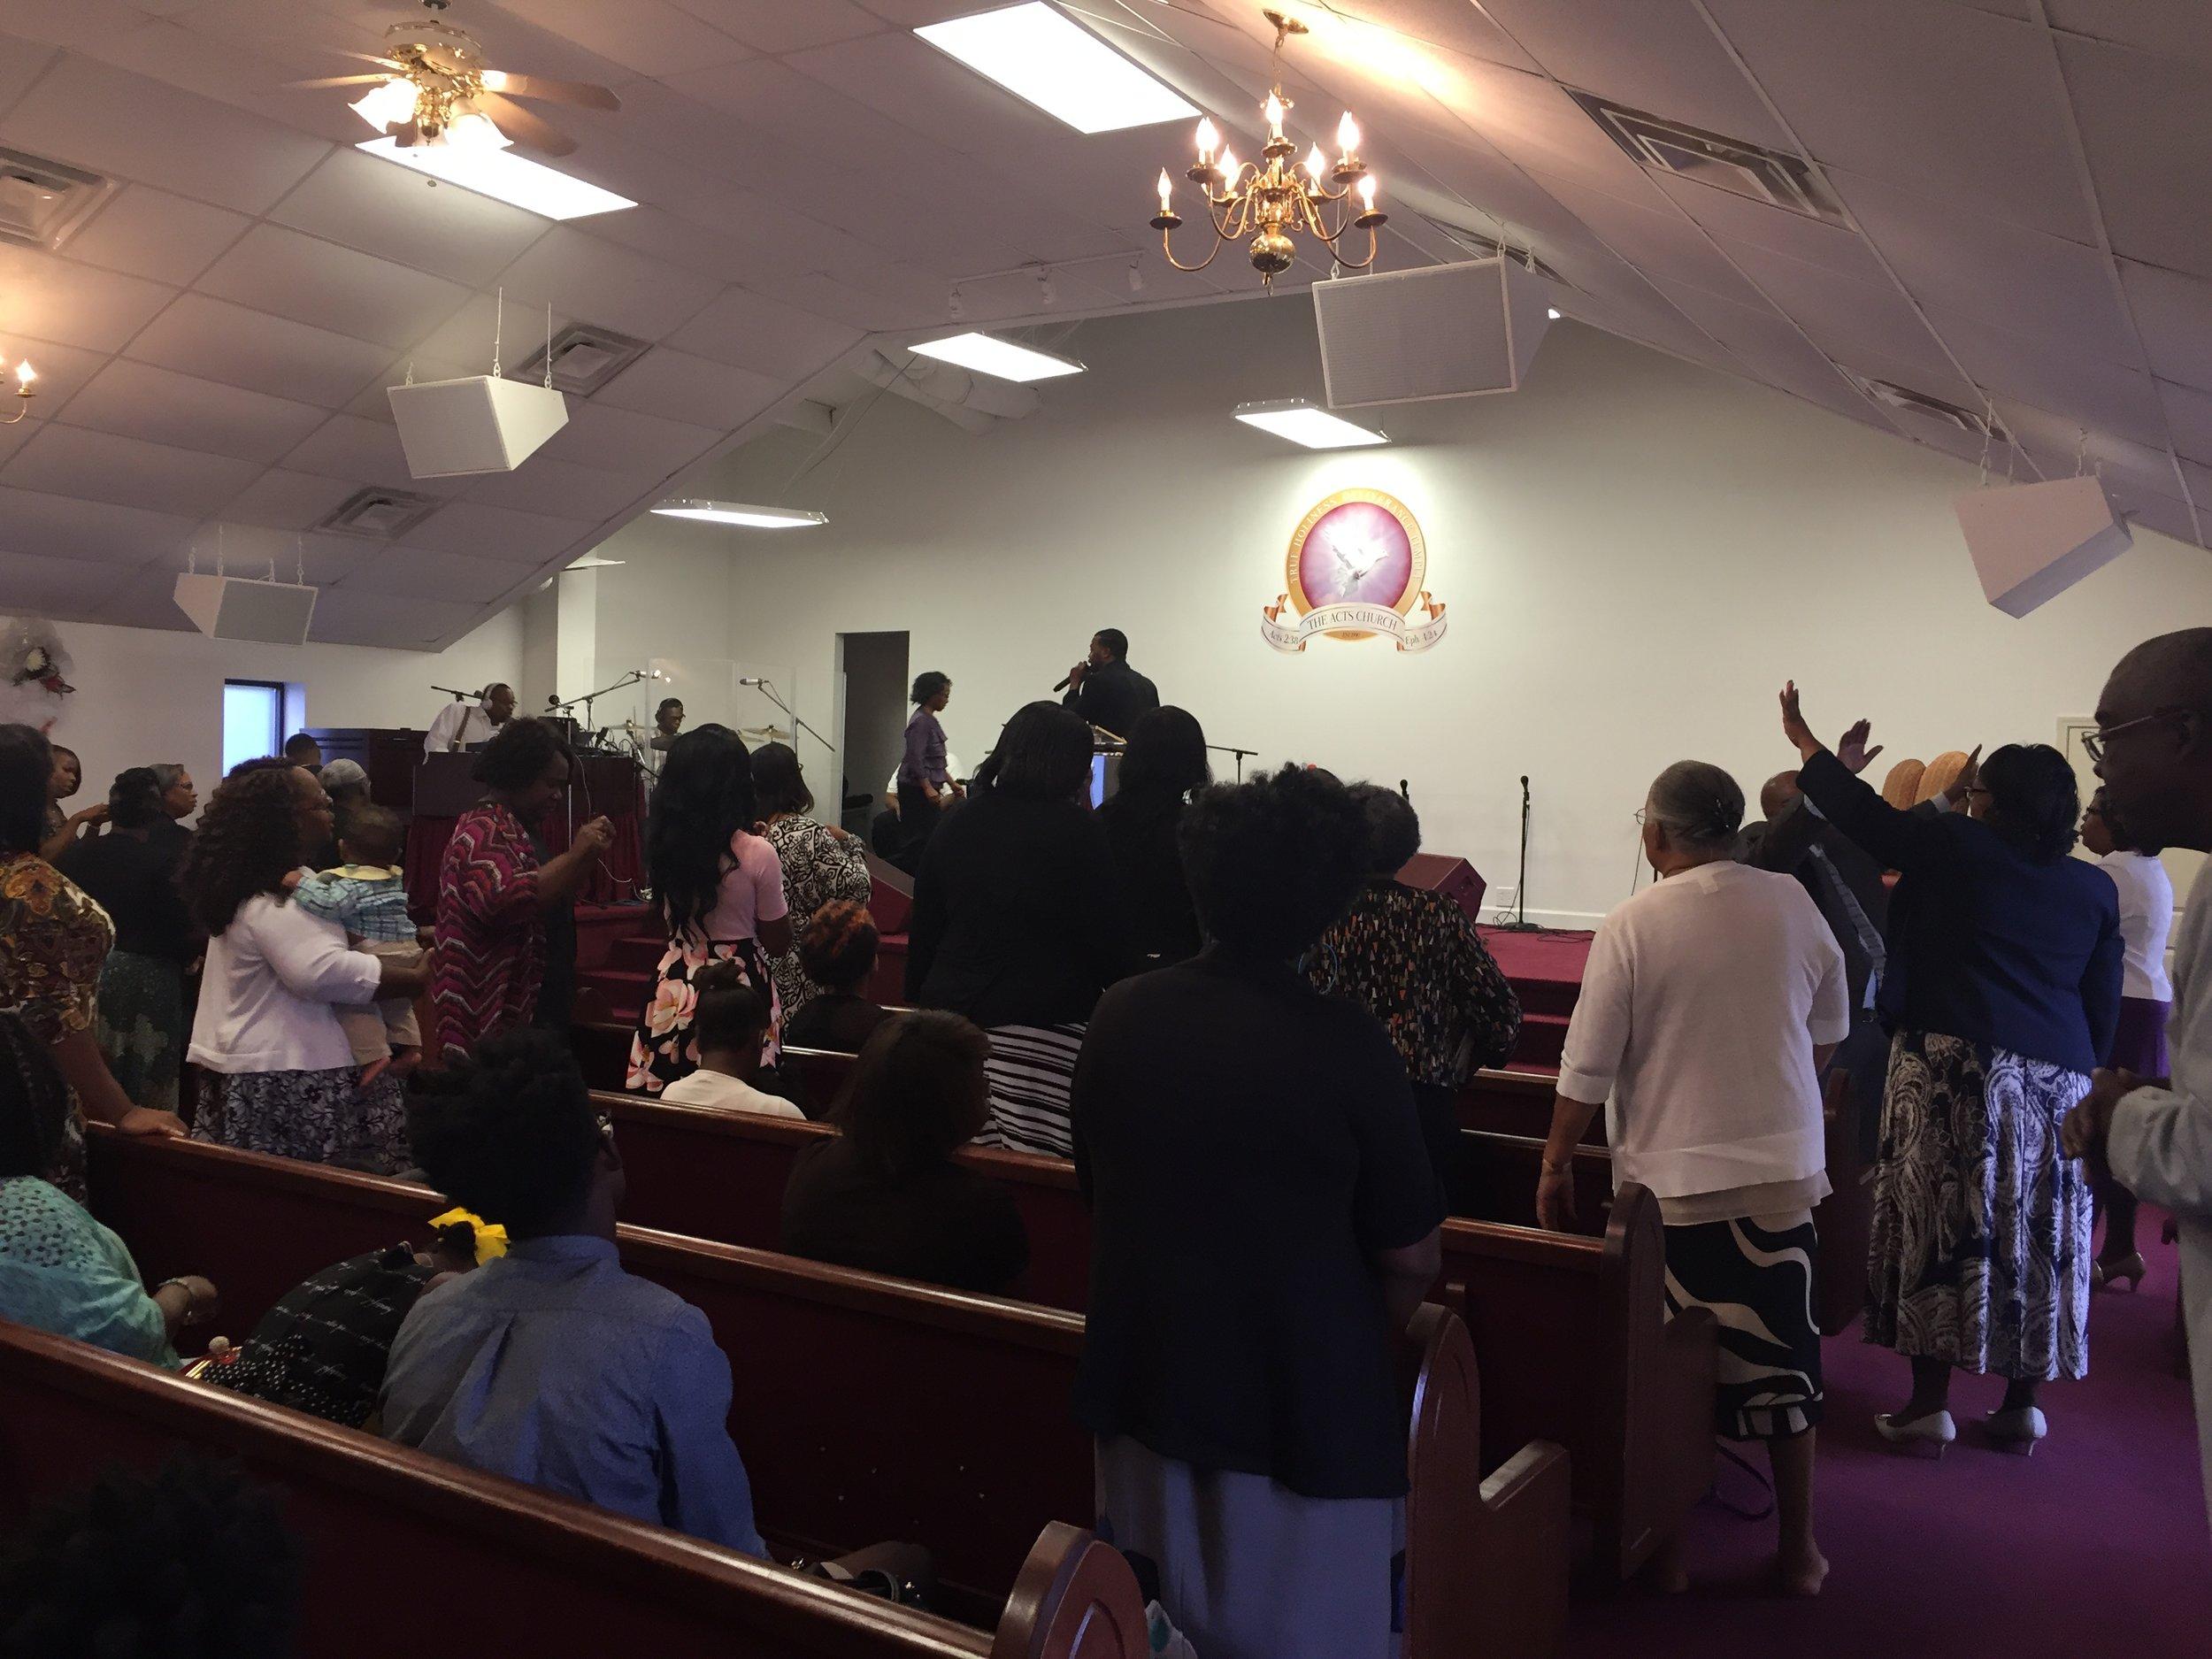 Church pics sep172017-32.jpg